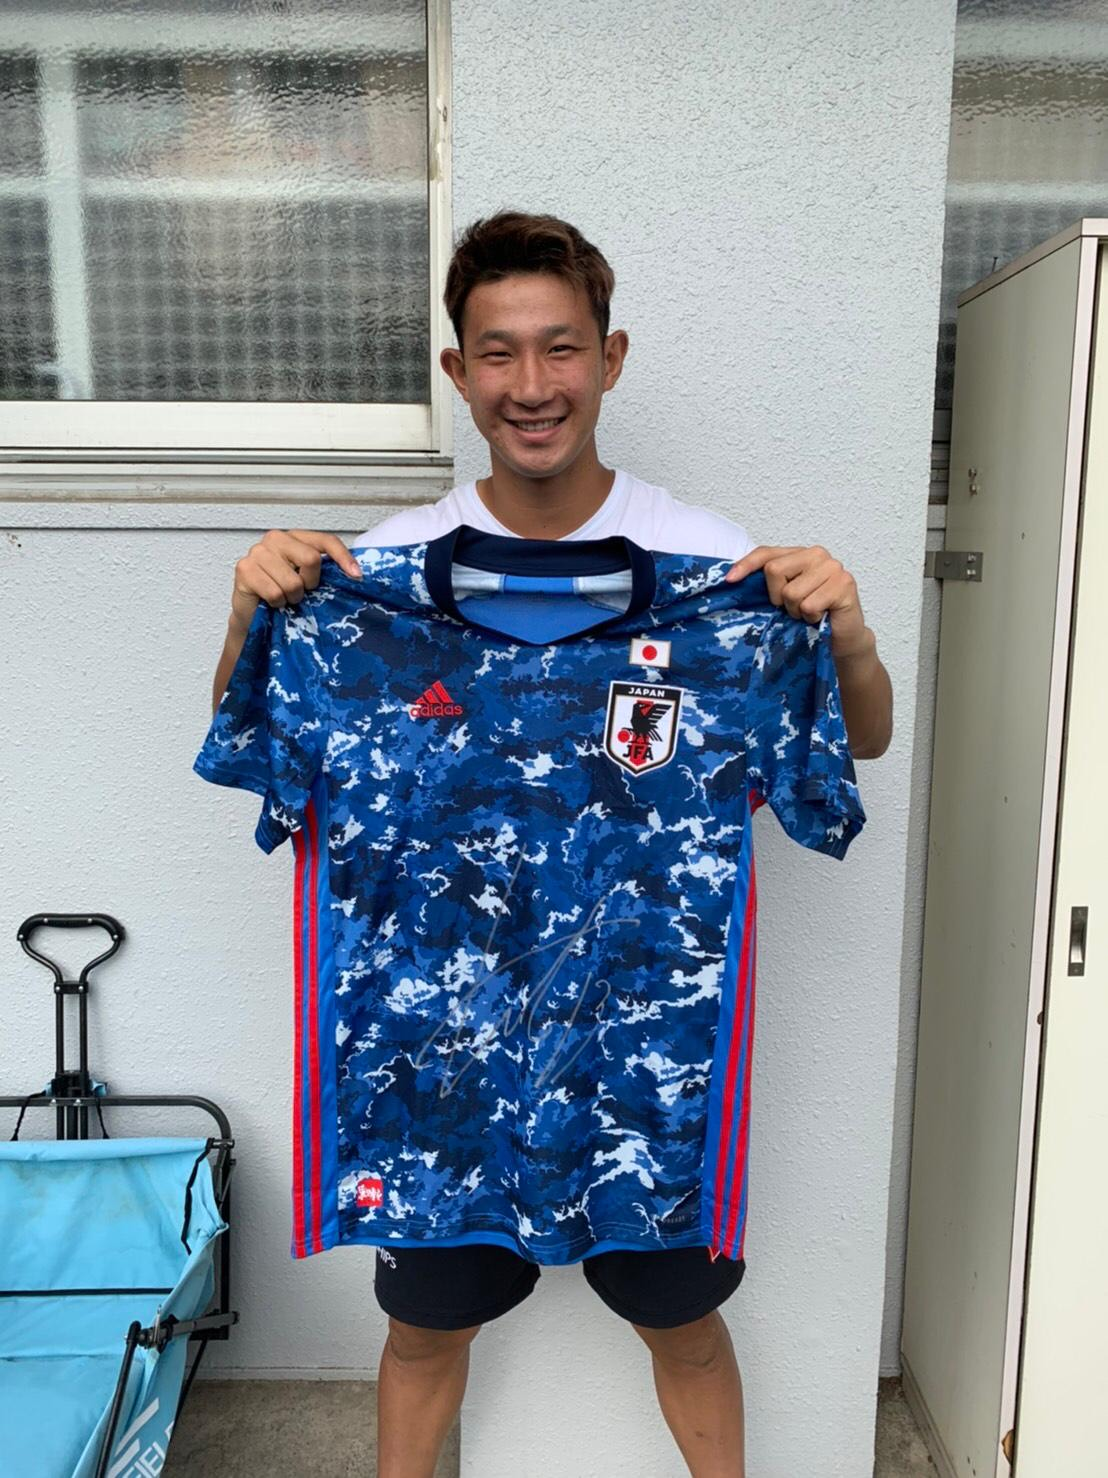 【直筆サイン入り公式】U-23日本代表 波多野 豪 選手(FC東京)